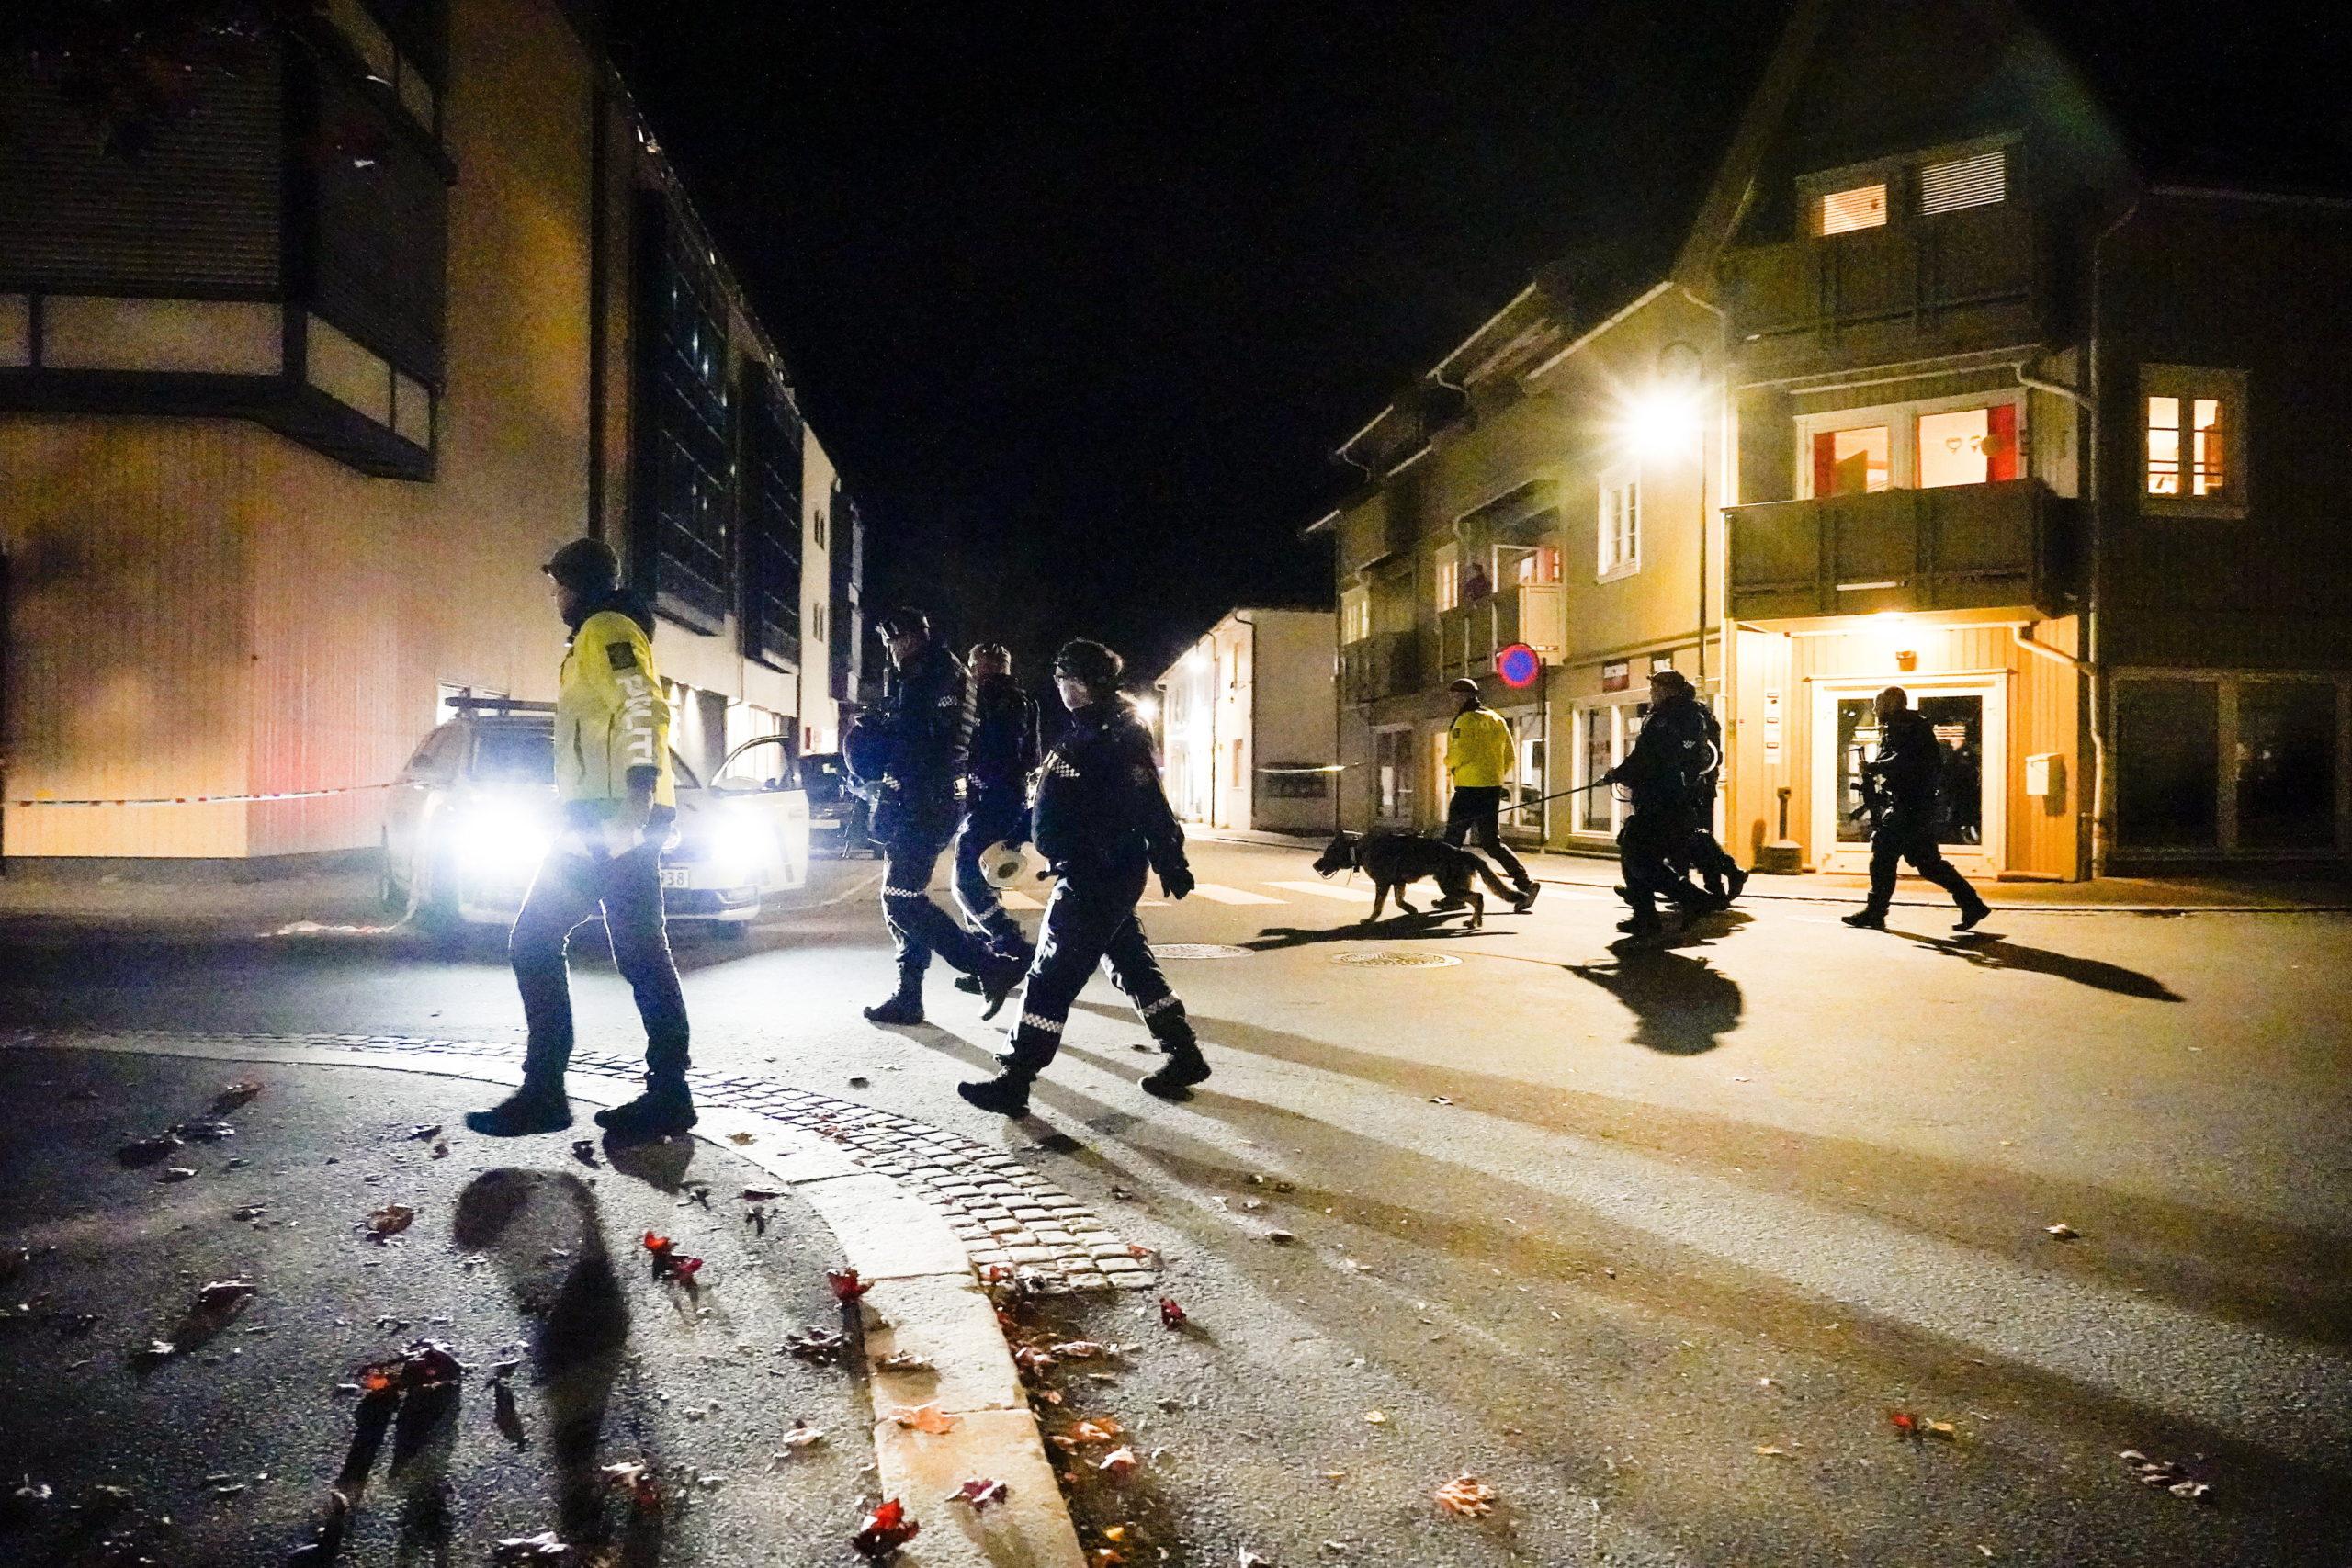 Borzalmas mészárlás történt Kongsbergben